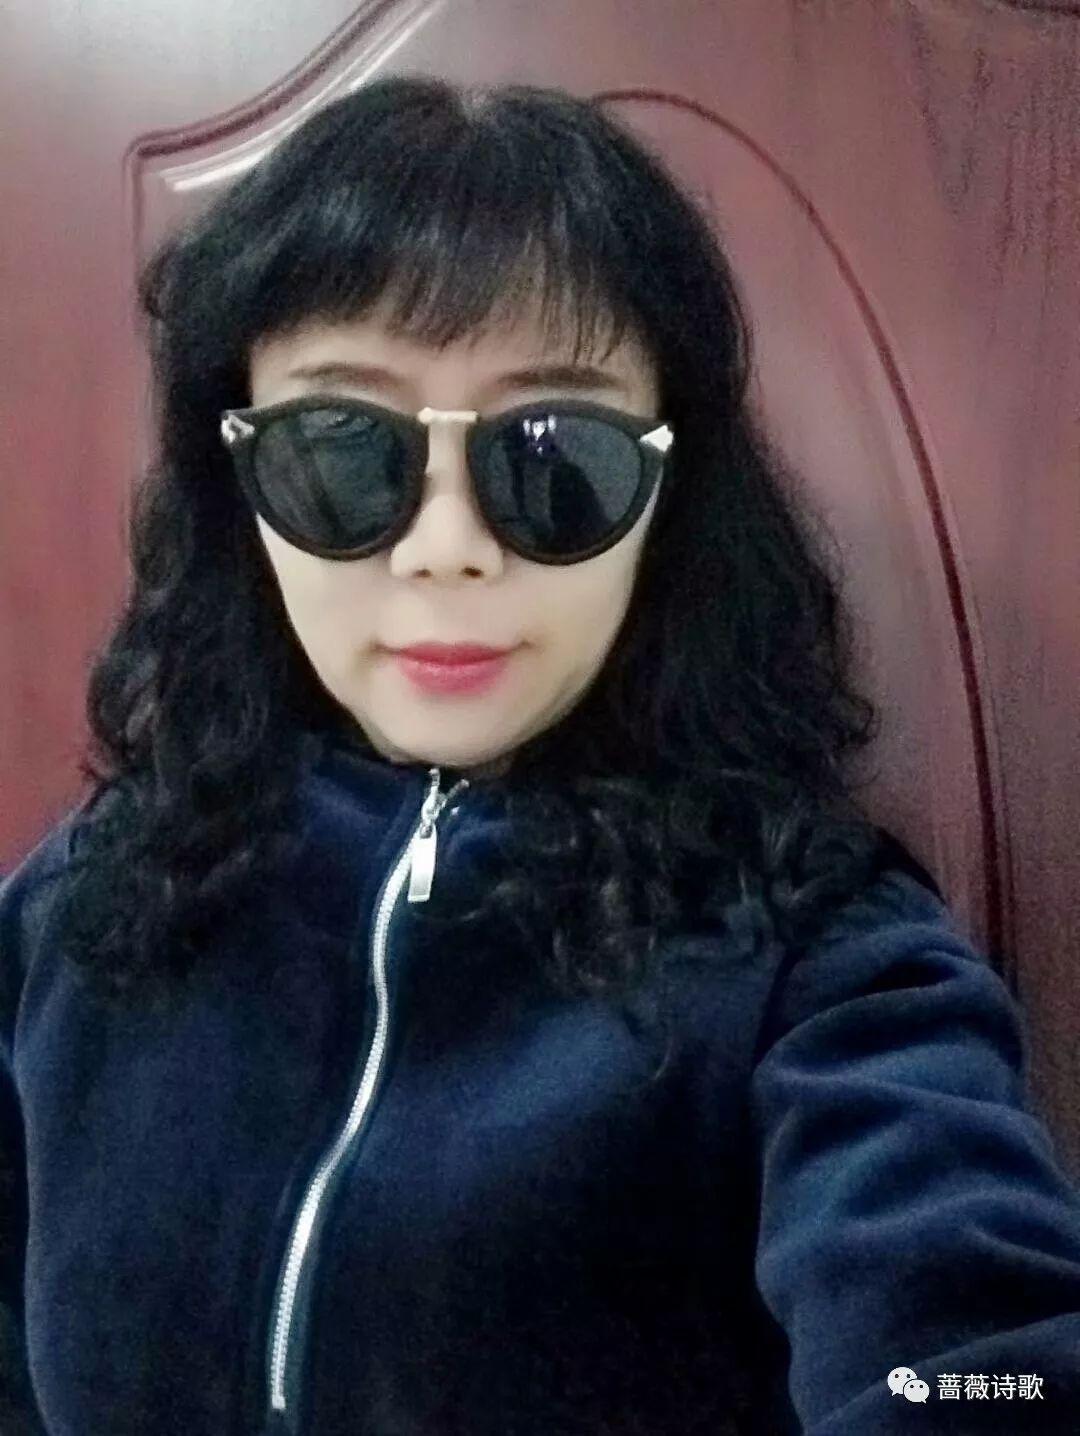 南风中的微笑--李晨熙(ISABELLA)-图库-手机搜狐